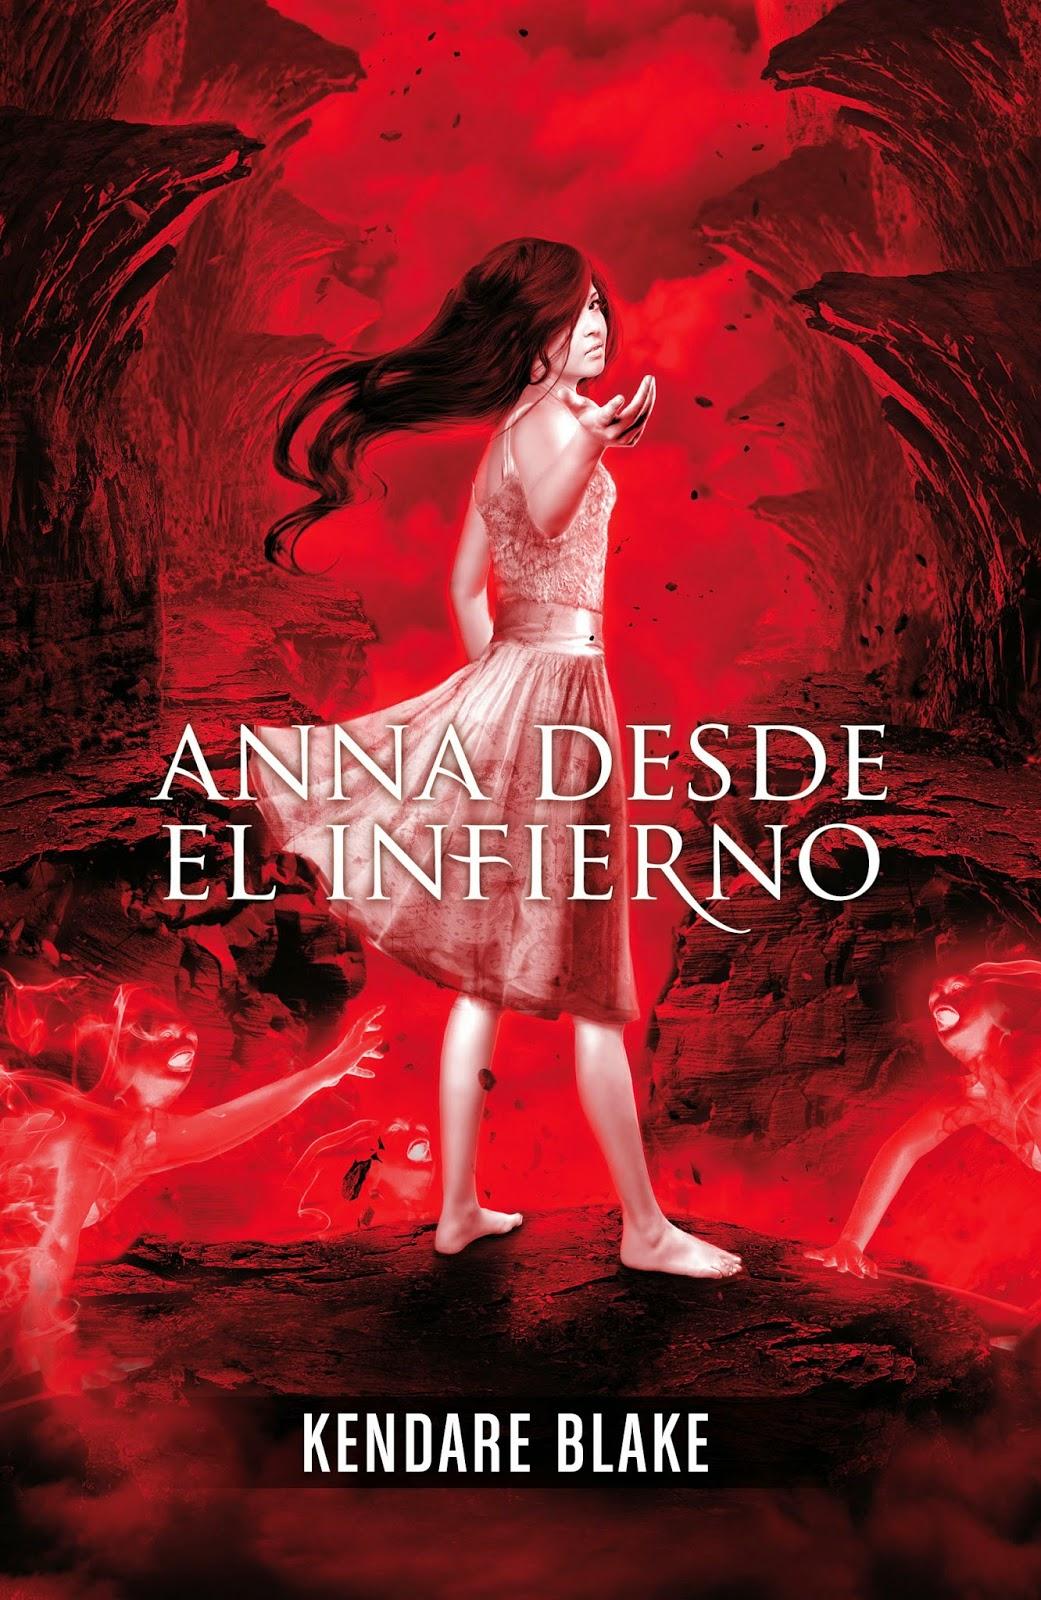 http://labibliotecadebella.blogspot.com.es/2015/04/anna-desde-el-infierno-kendare-blake.html